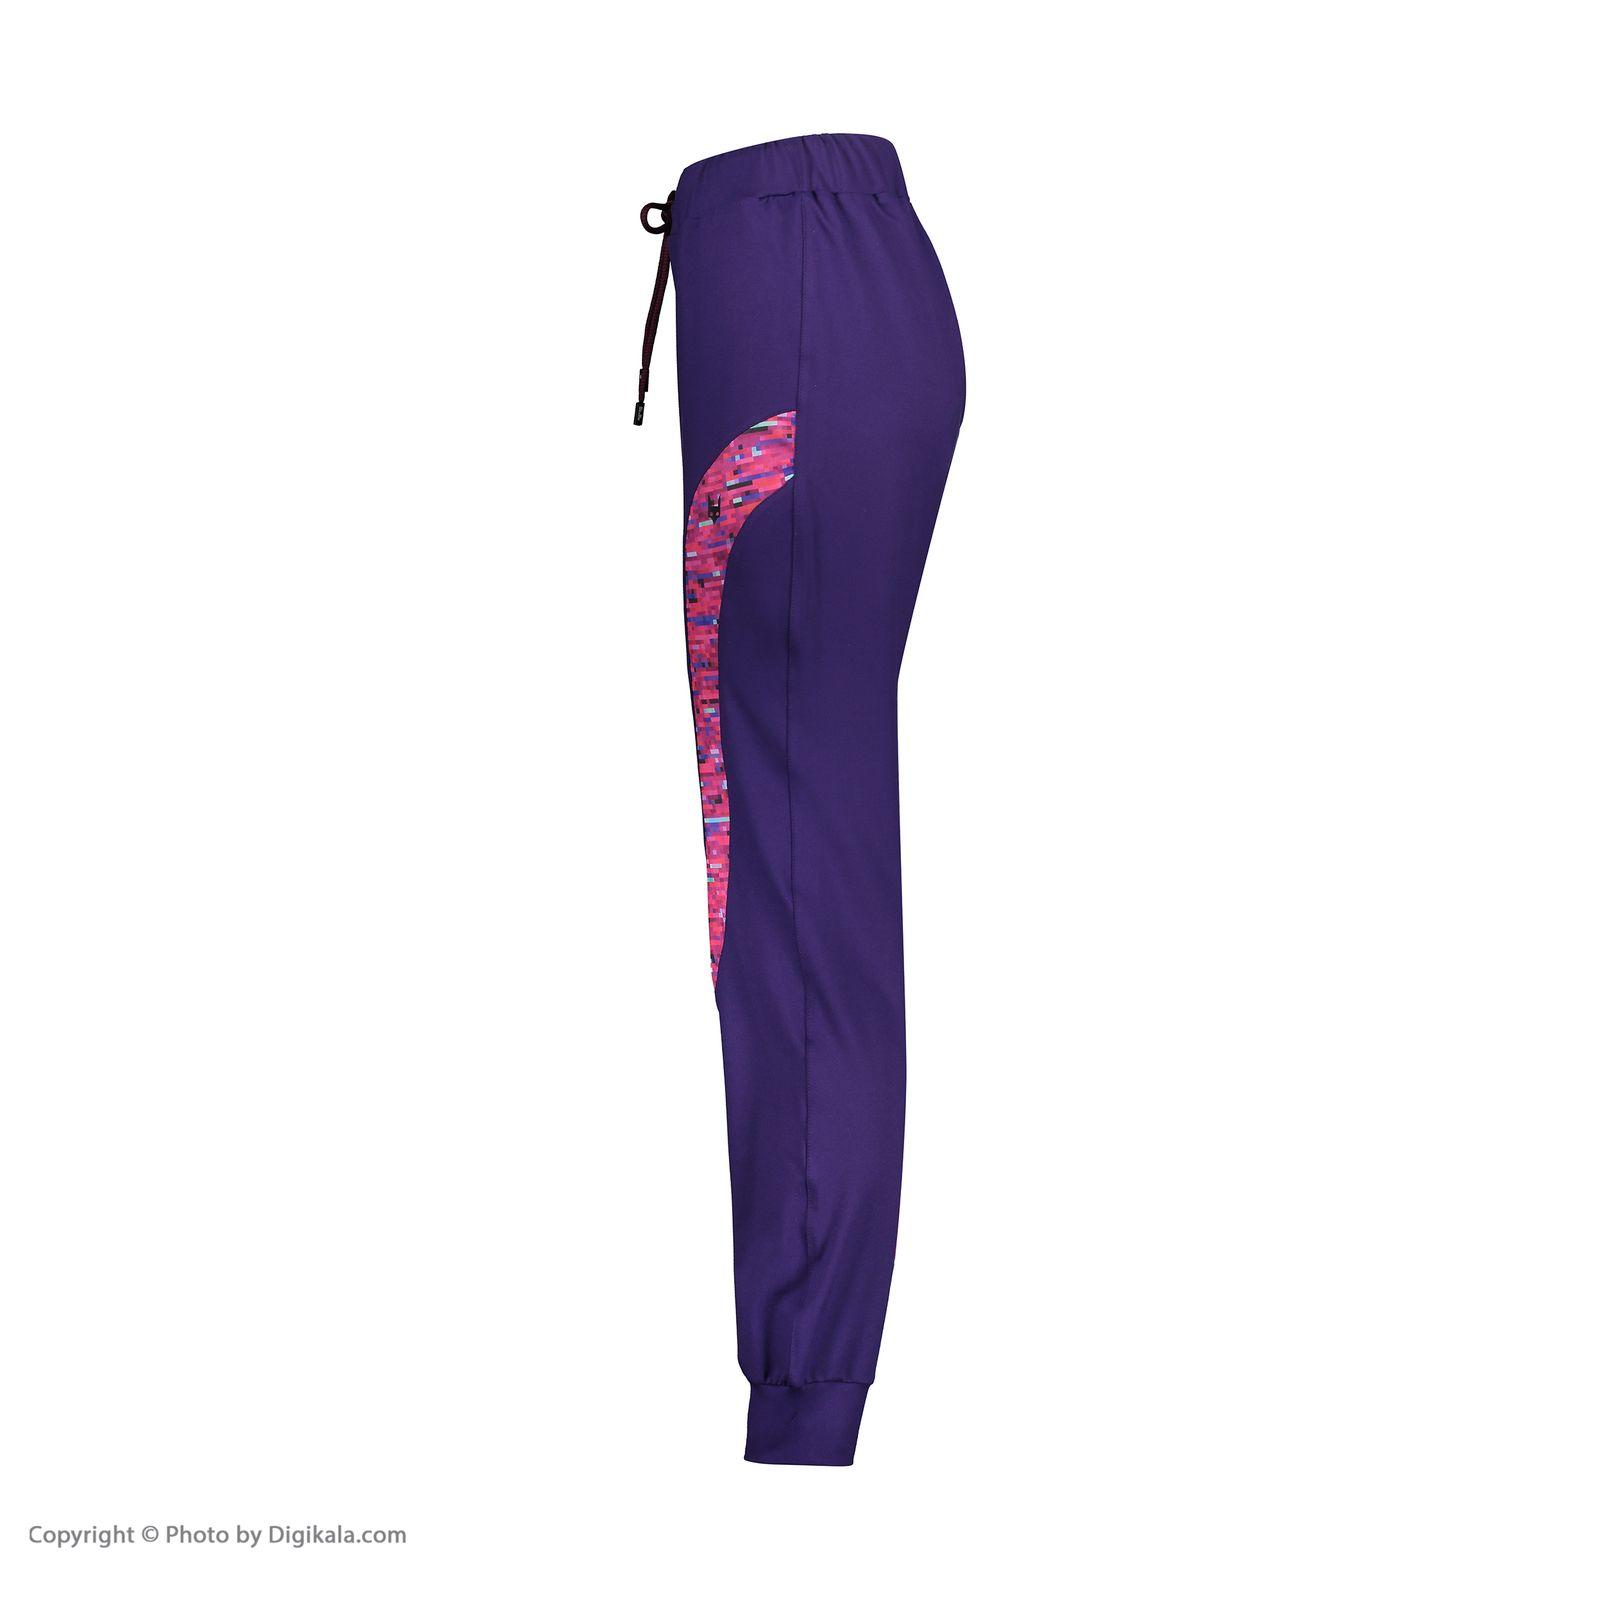 شلوار ورزشی زنانه مل اند موژ مدل W06458-012 -  - 4